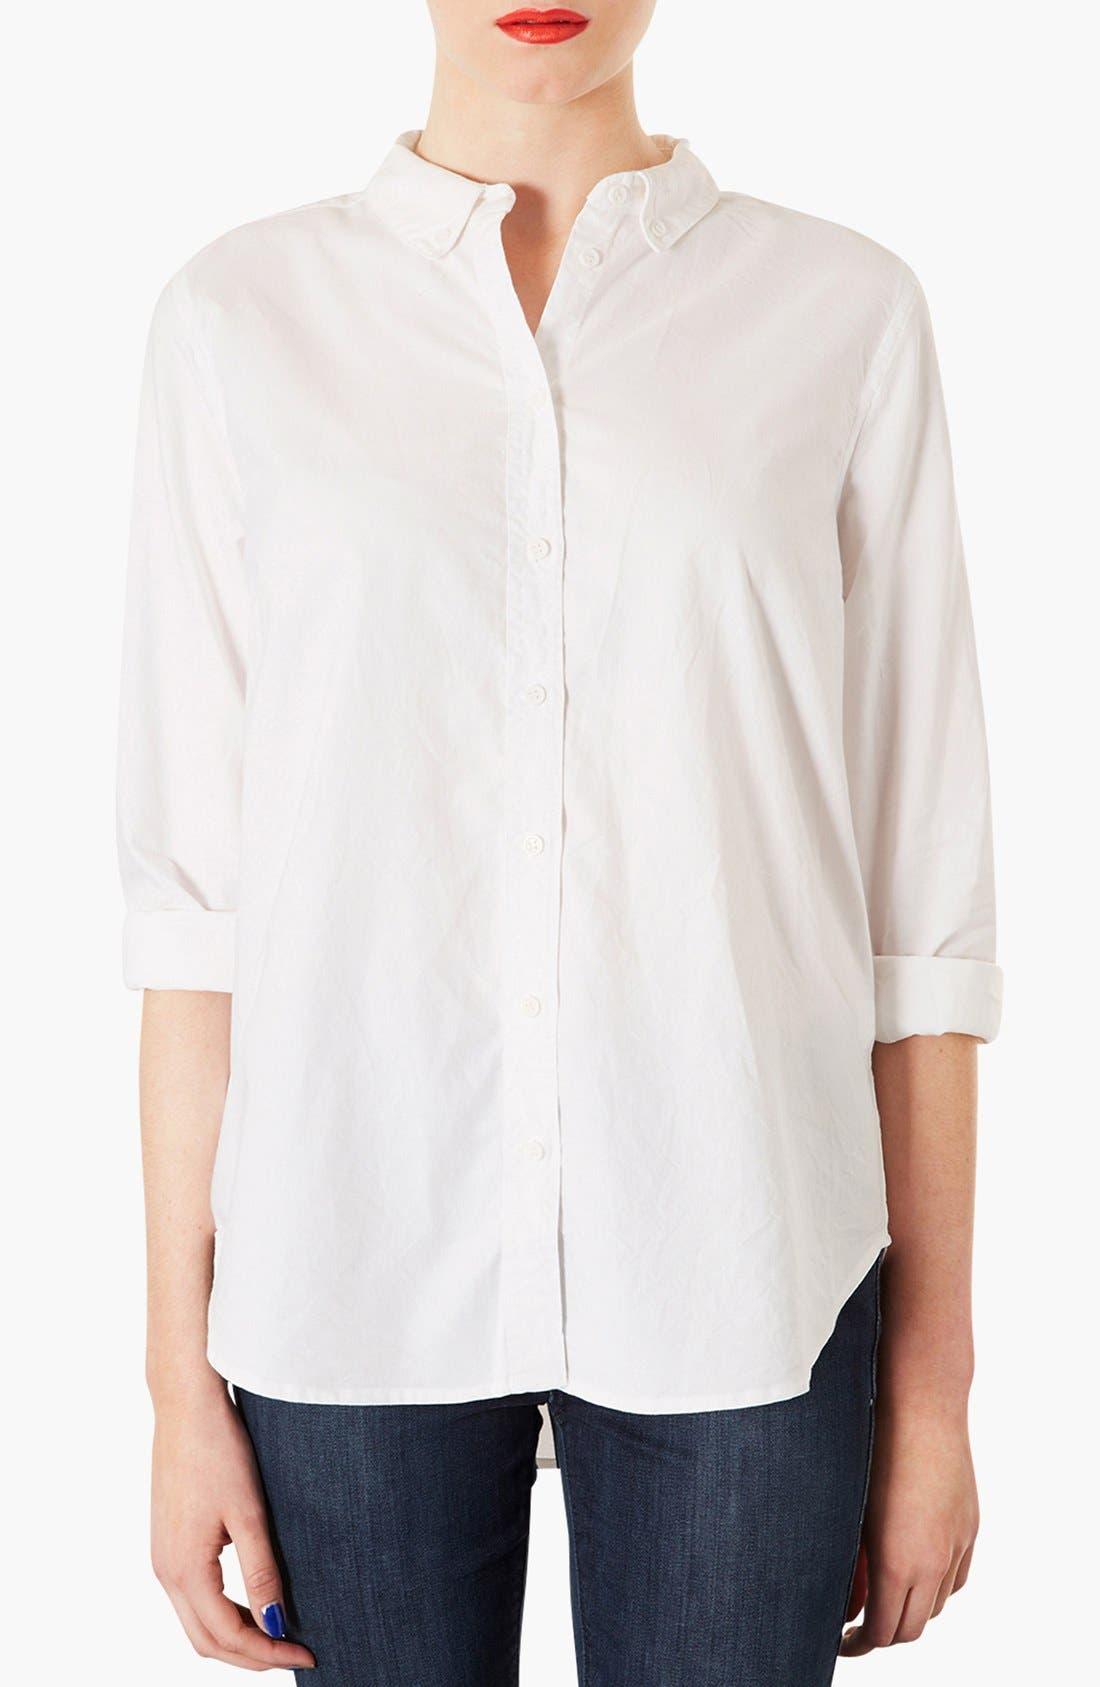 TOPSHOP, Woven Oxford Shirt, Main thumbnail 1, color, 100